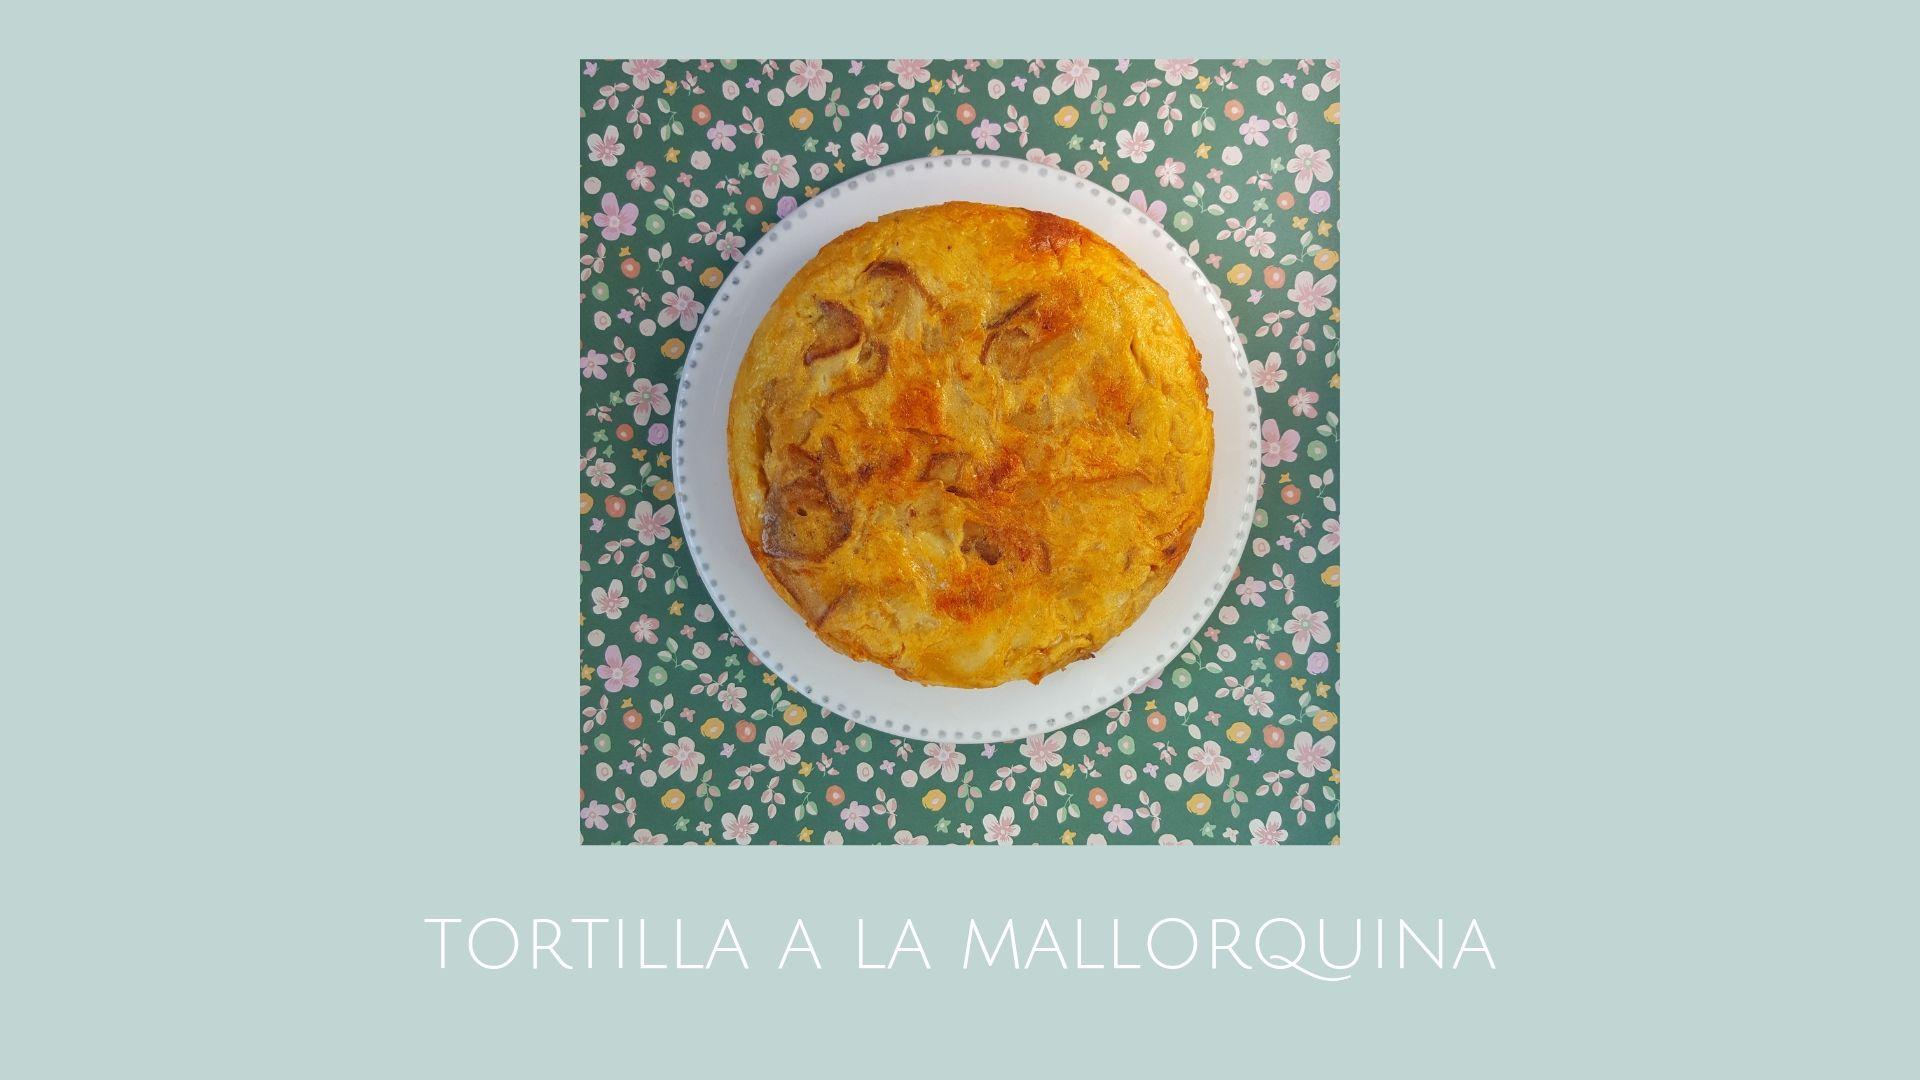 Receta de tortilla a la mallorquina